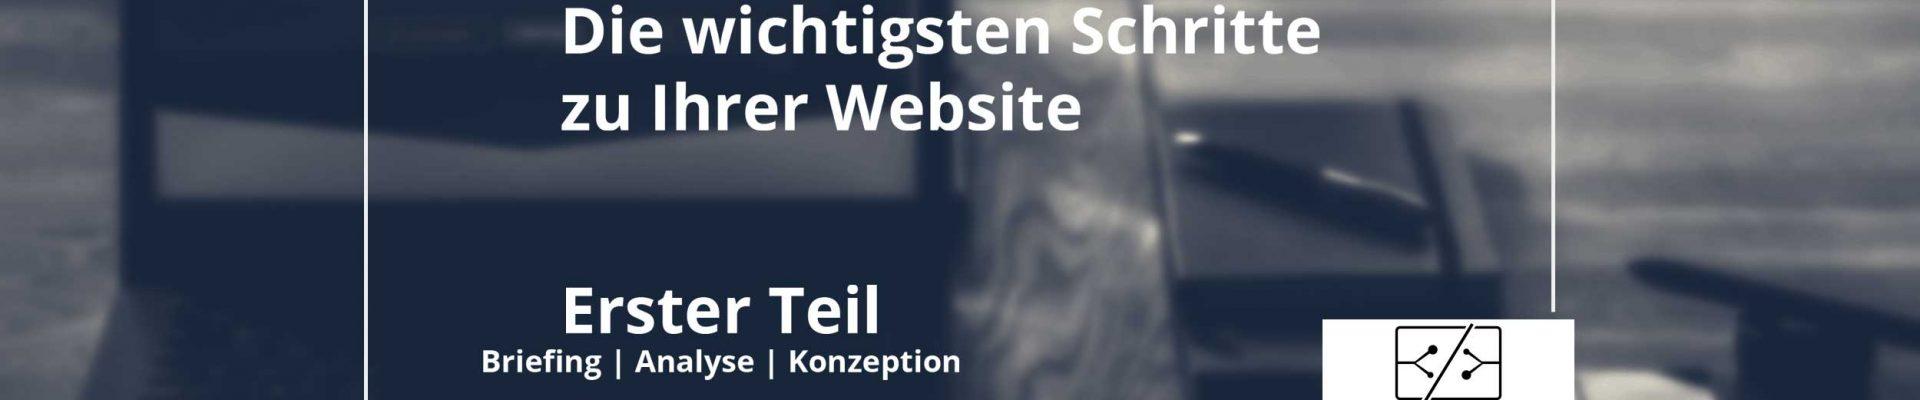 Webdesign Die wichtigsten Schritte zu Ihrer Website Konzeption Ilja Schlak